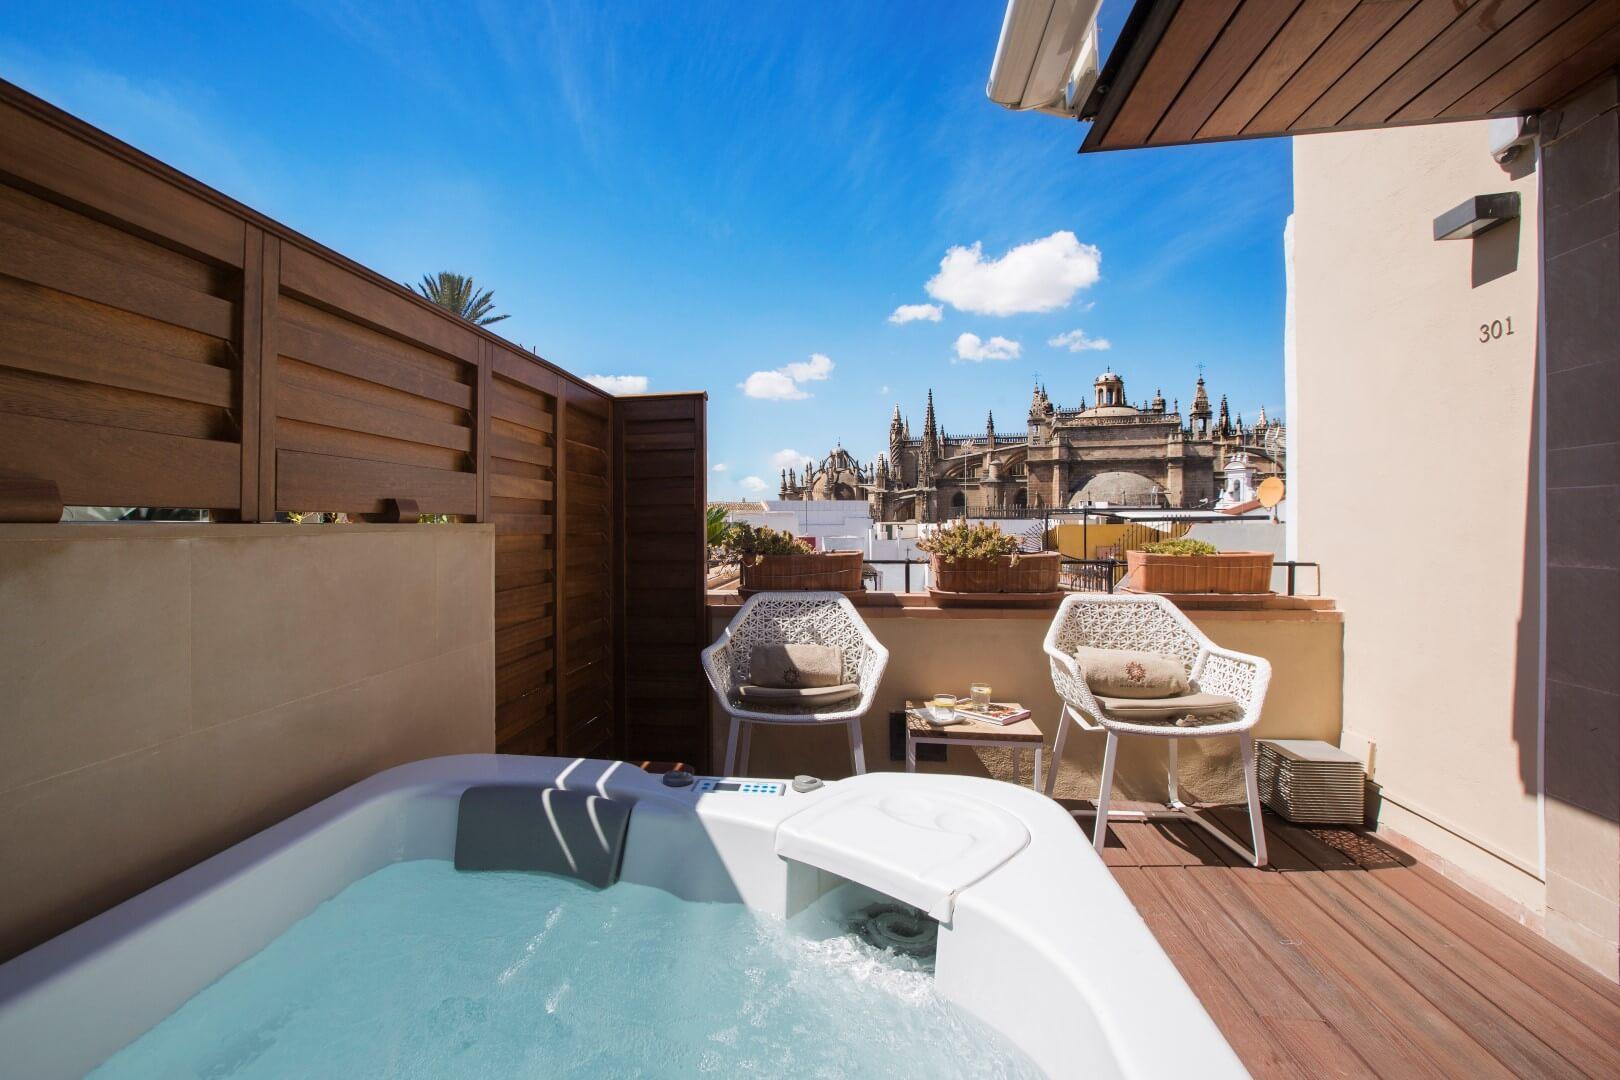 10 hoteles con jacuzzi en la habitaci n que visitar en espa a - Hotel casa espana villaviciosa ...